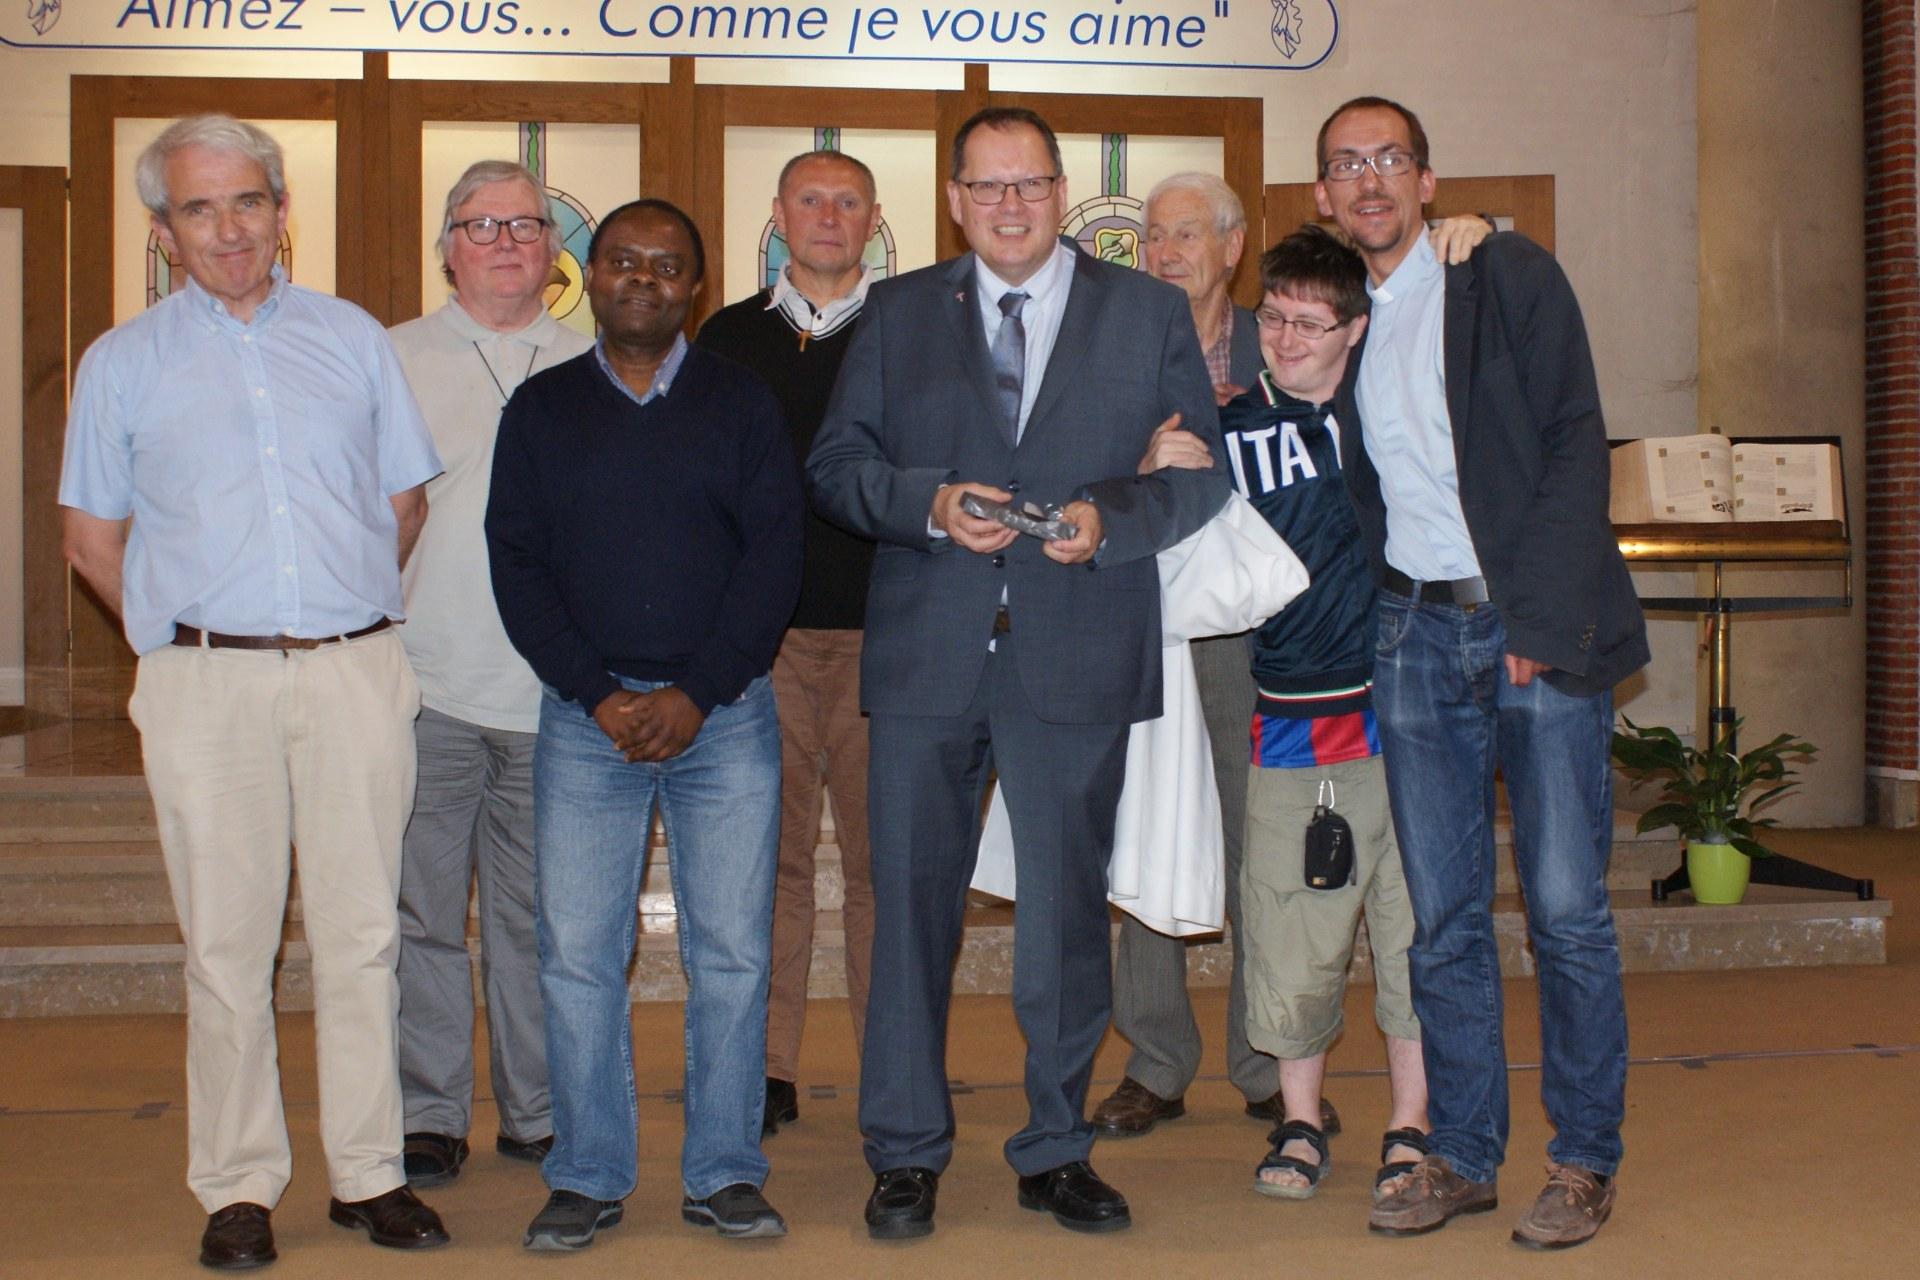 2017-06-30 - Messe d'au-revoir - 075